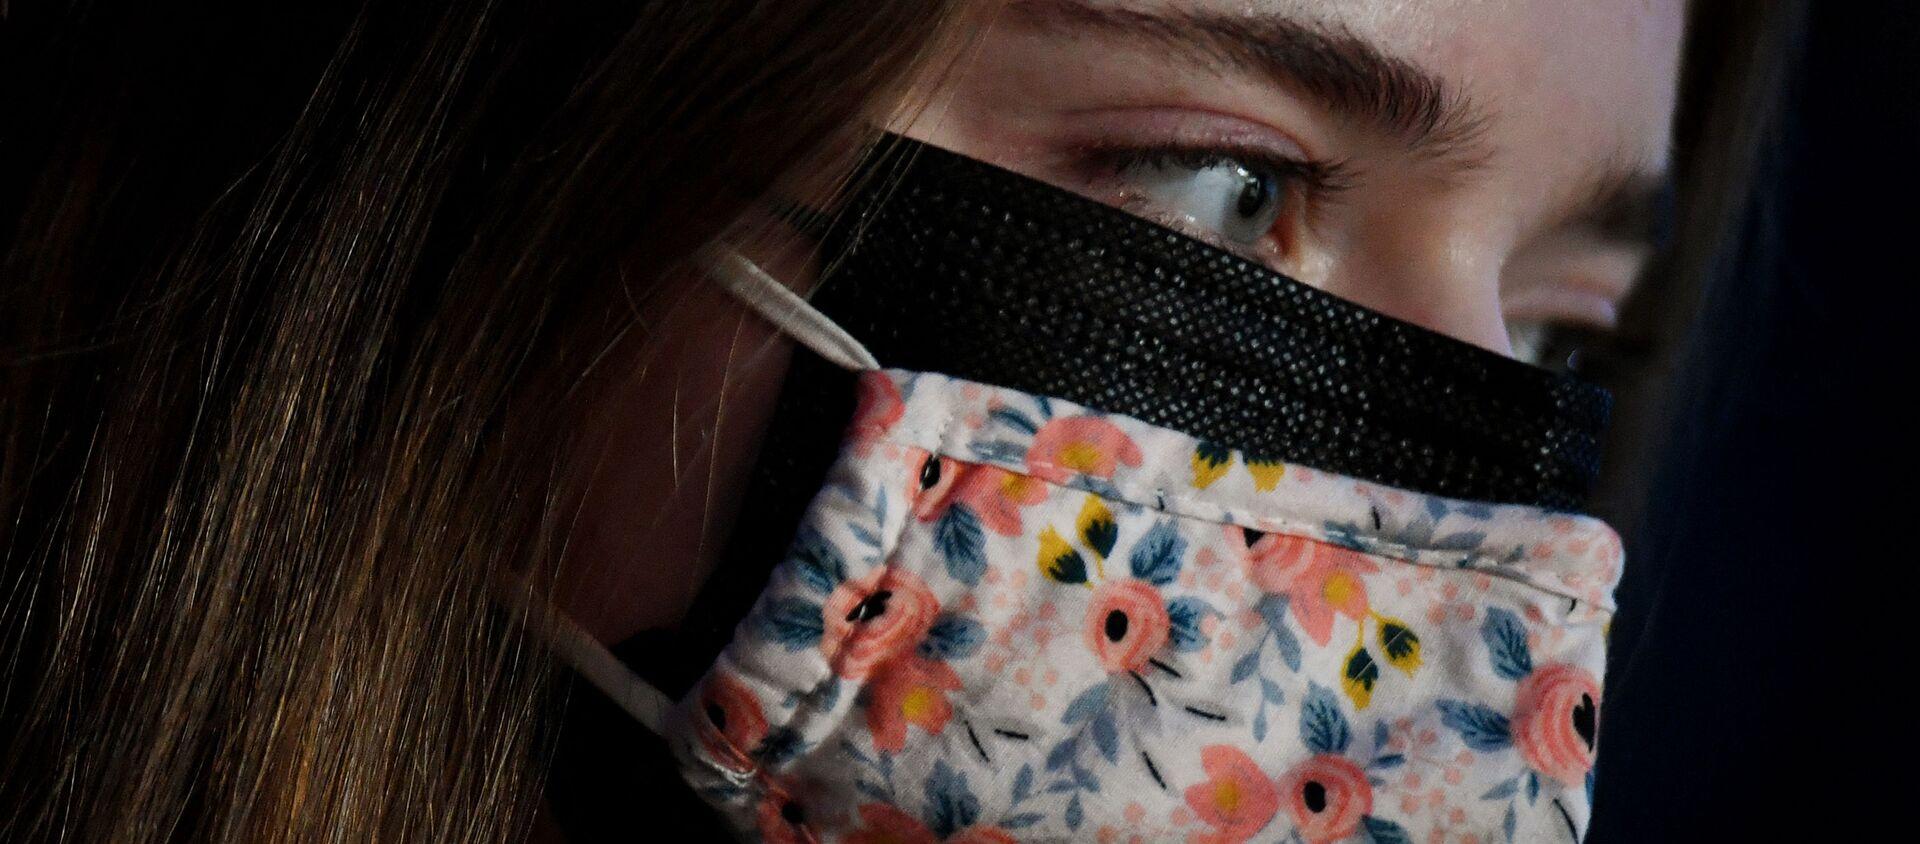 Cô gái đeo chiếc hai khẩu trang che mặt, khẩu trang vải bên ngoài, khẩu trang y tế bên trong, ở Arlington, Virginia, Hoa Kỳ. - Sputnik Việt Nam, 1920, 14.02.2021